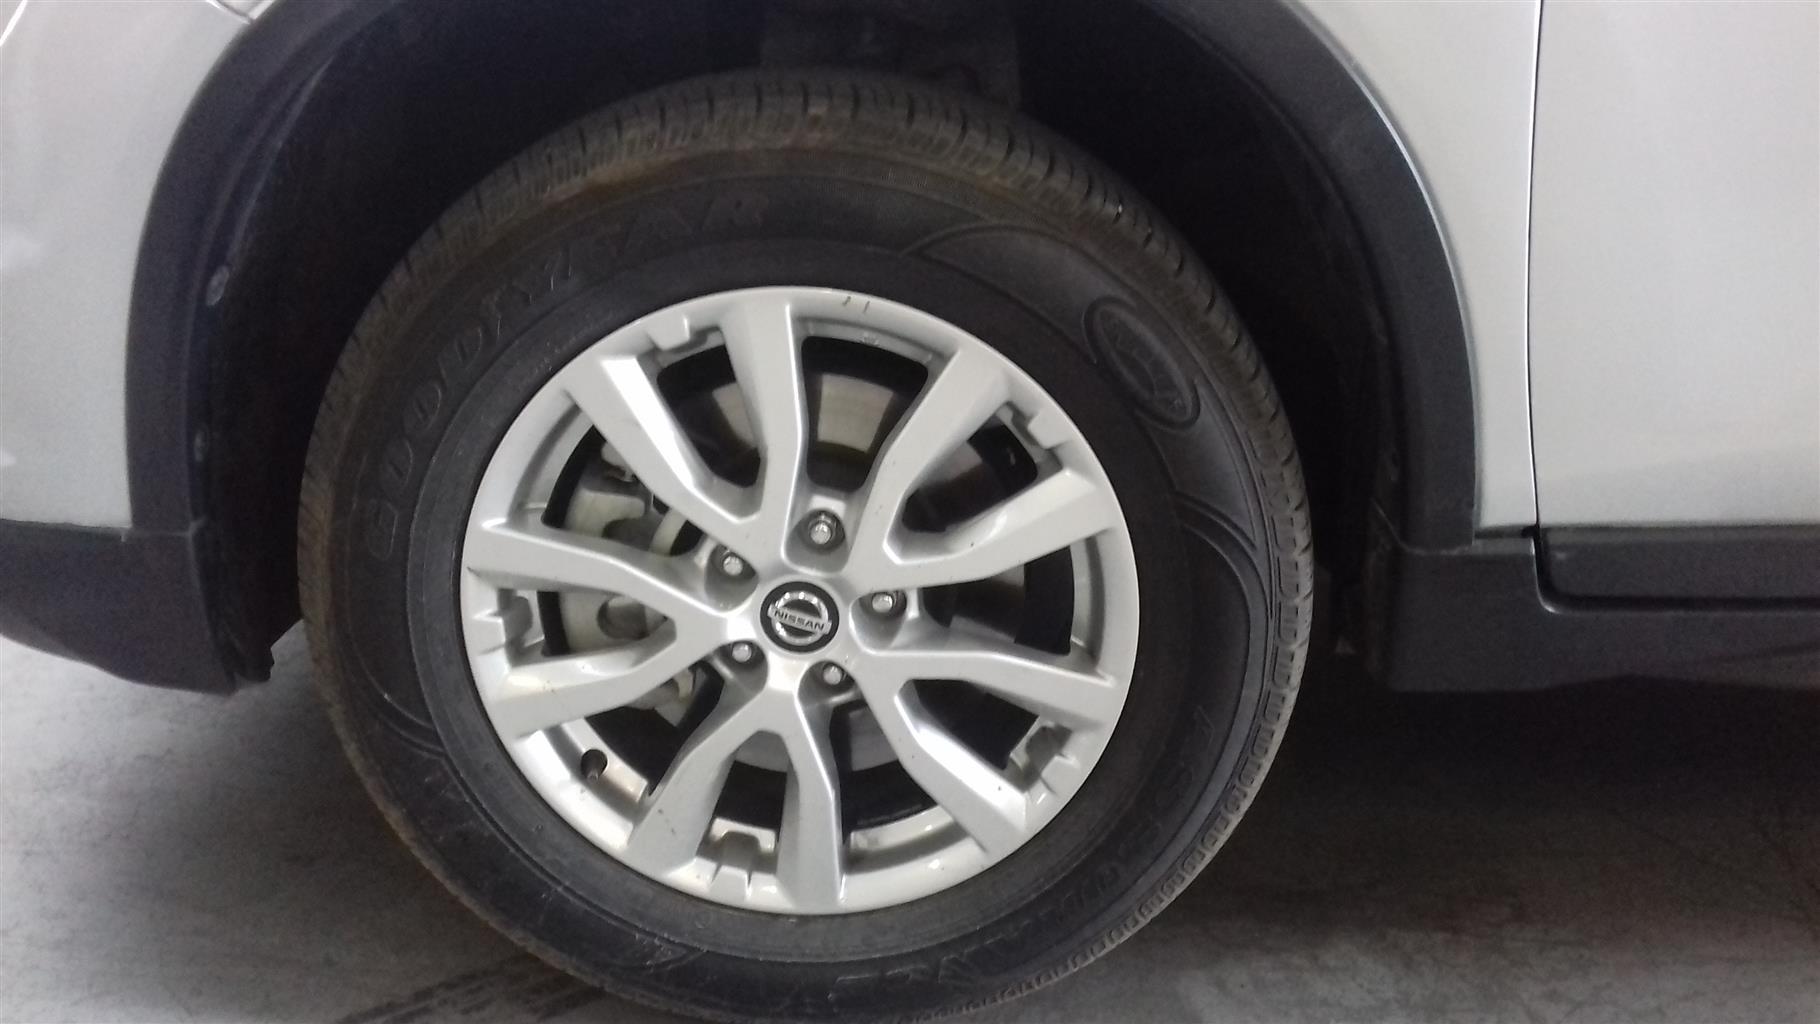 2019 Nissan X-Trail 2.2D 4x4 SEL